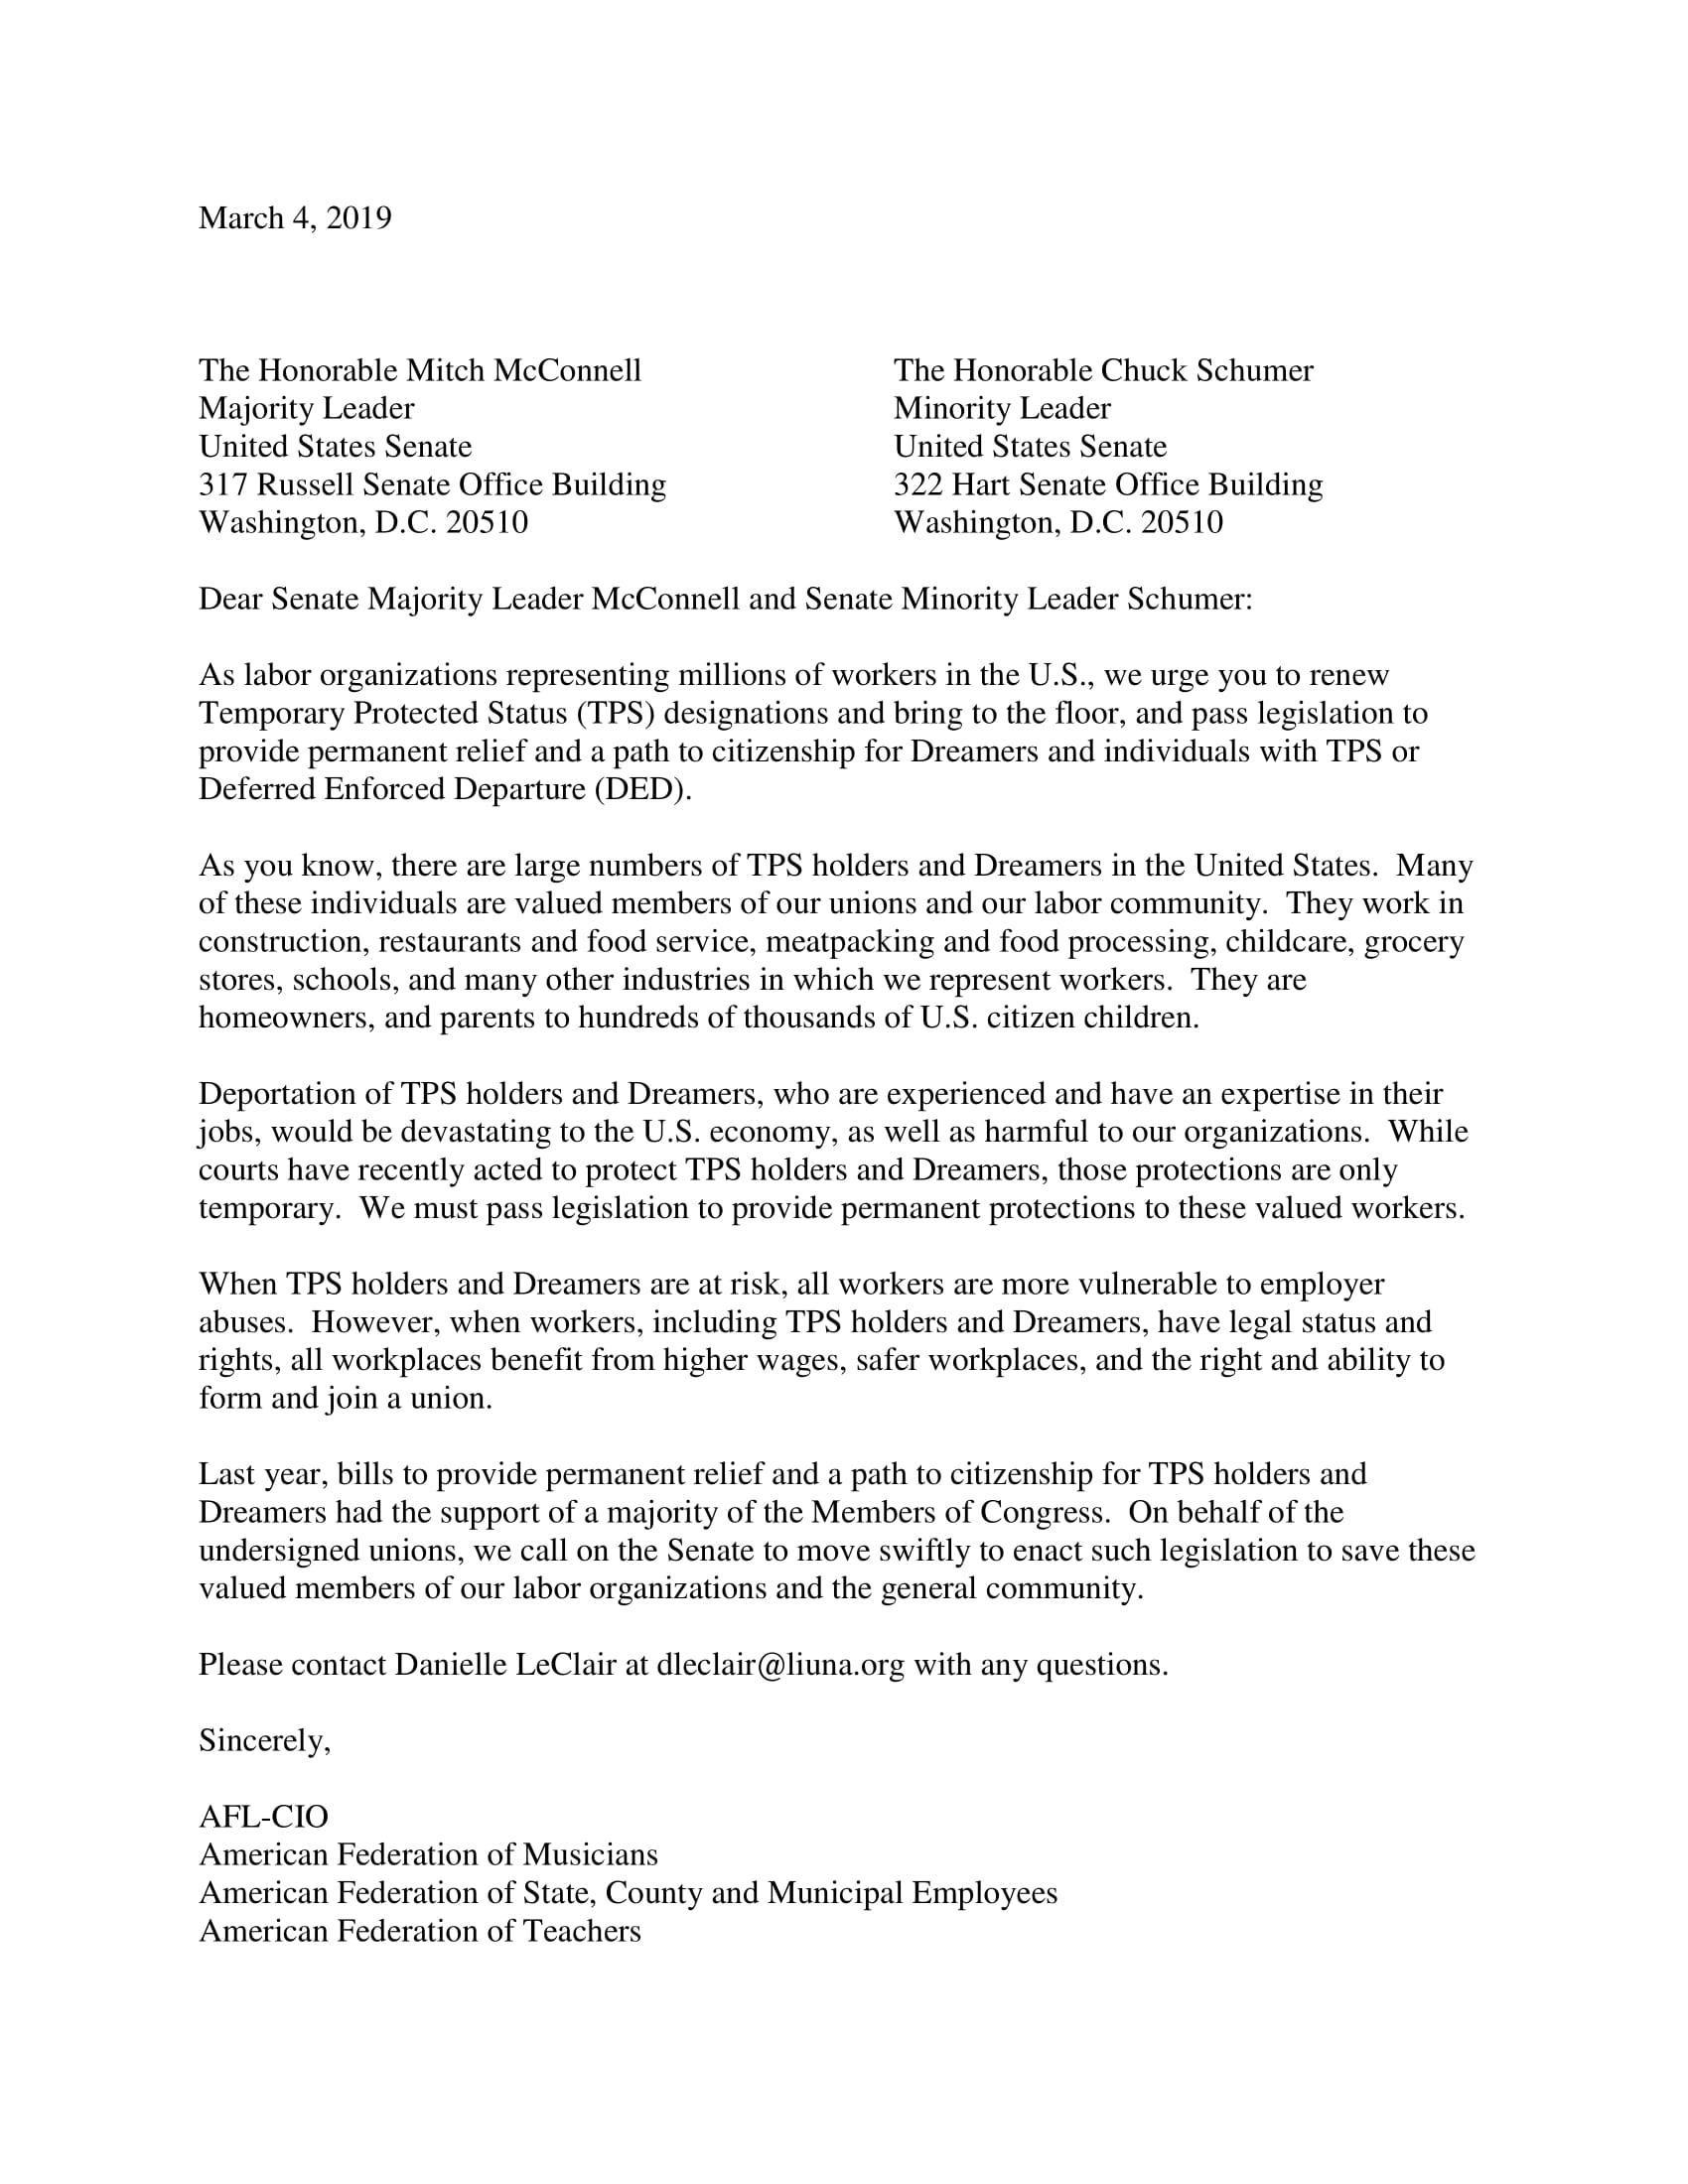 TPS Senate letter-1.jpg